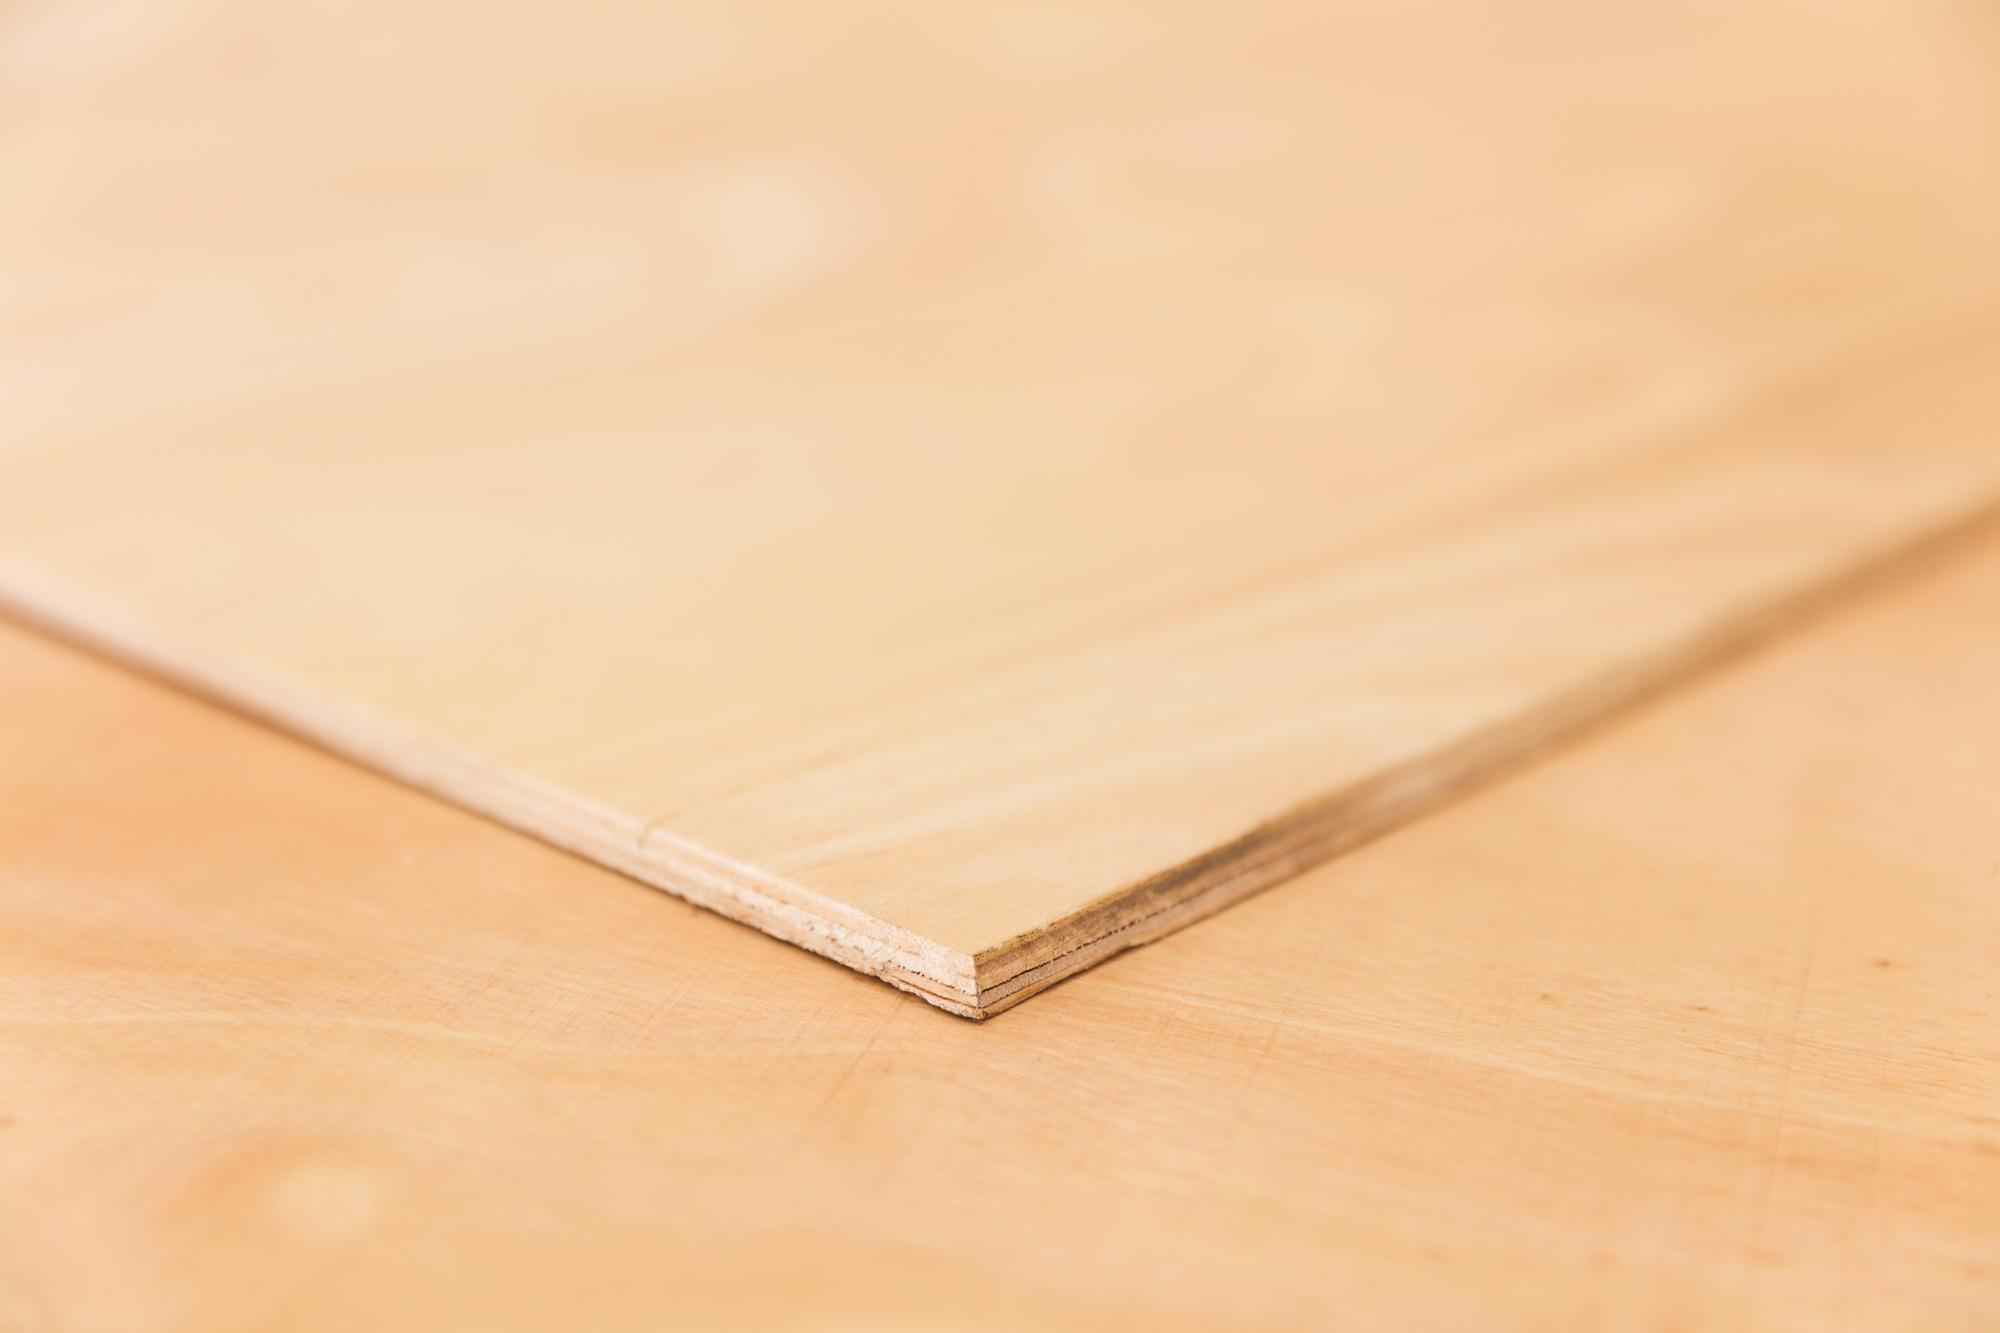 10 Hevea plywood.jpg